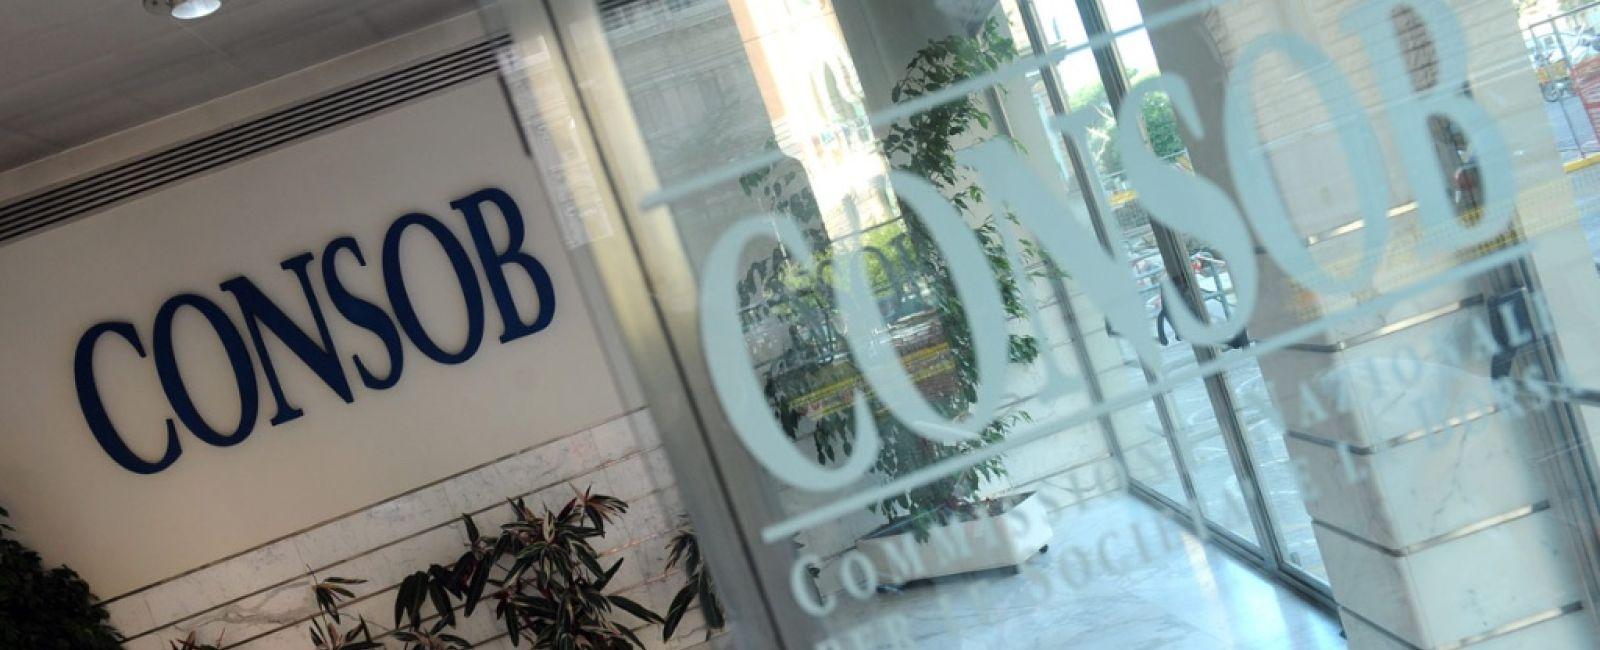 e2abb9360b L'ente di vigilanza sui mercati finanziari comunica nuove violazioni al  Testo unico sulla finanza. Nuove segnalazioni anche dall'estero